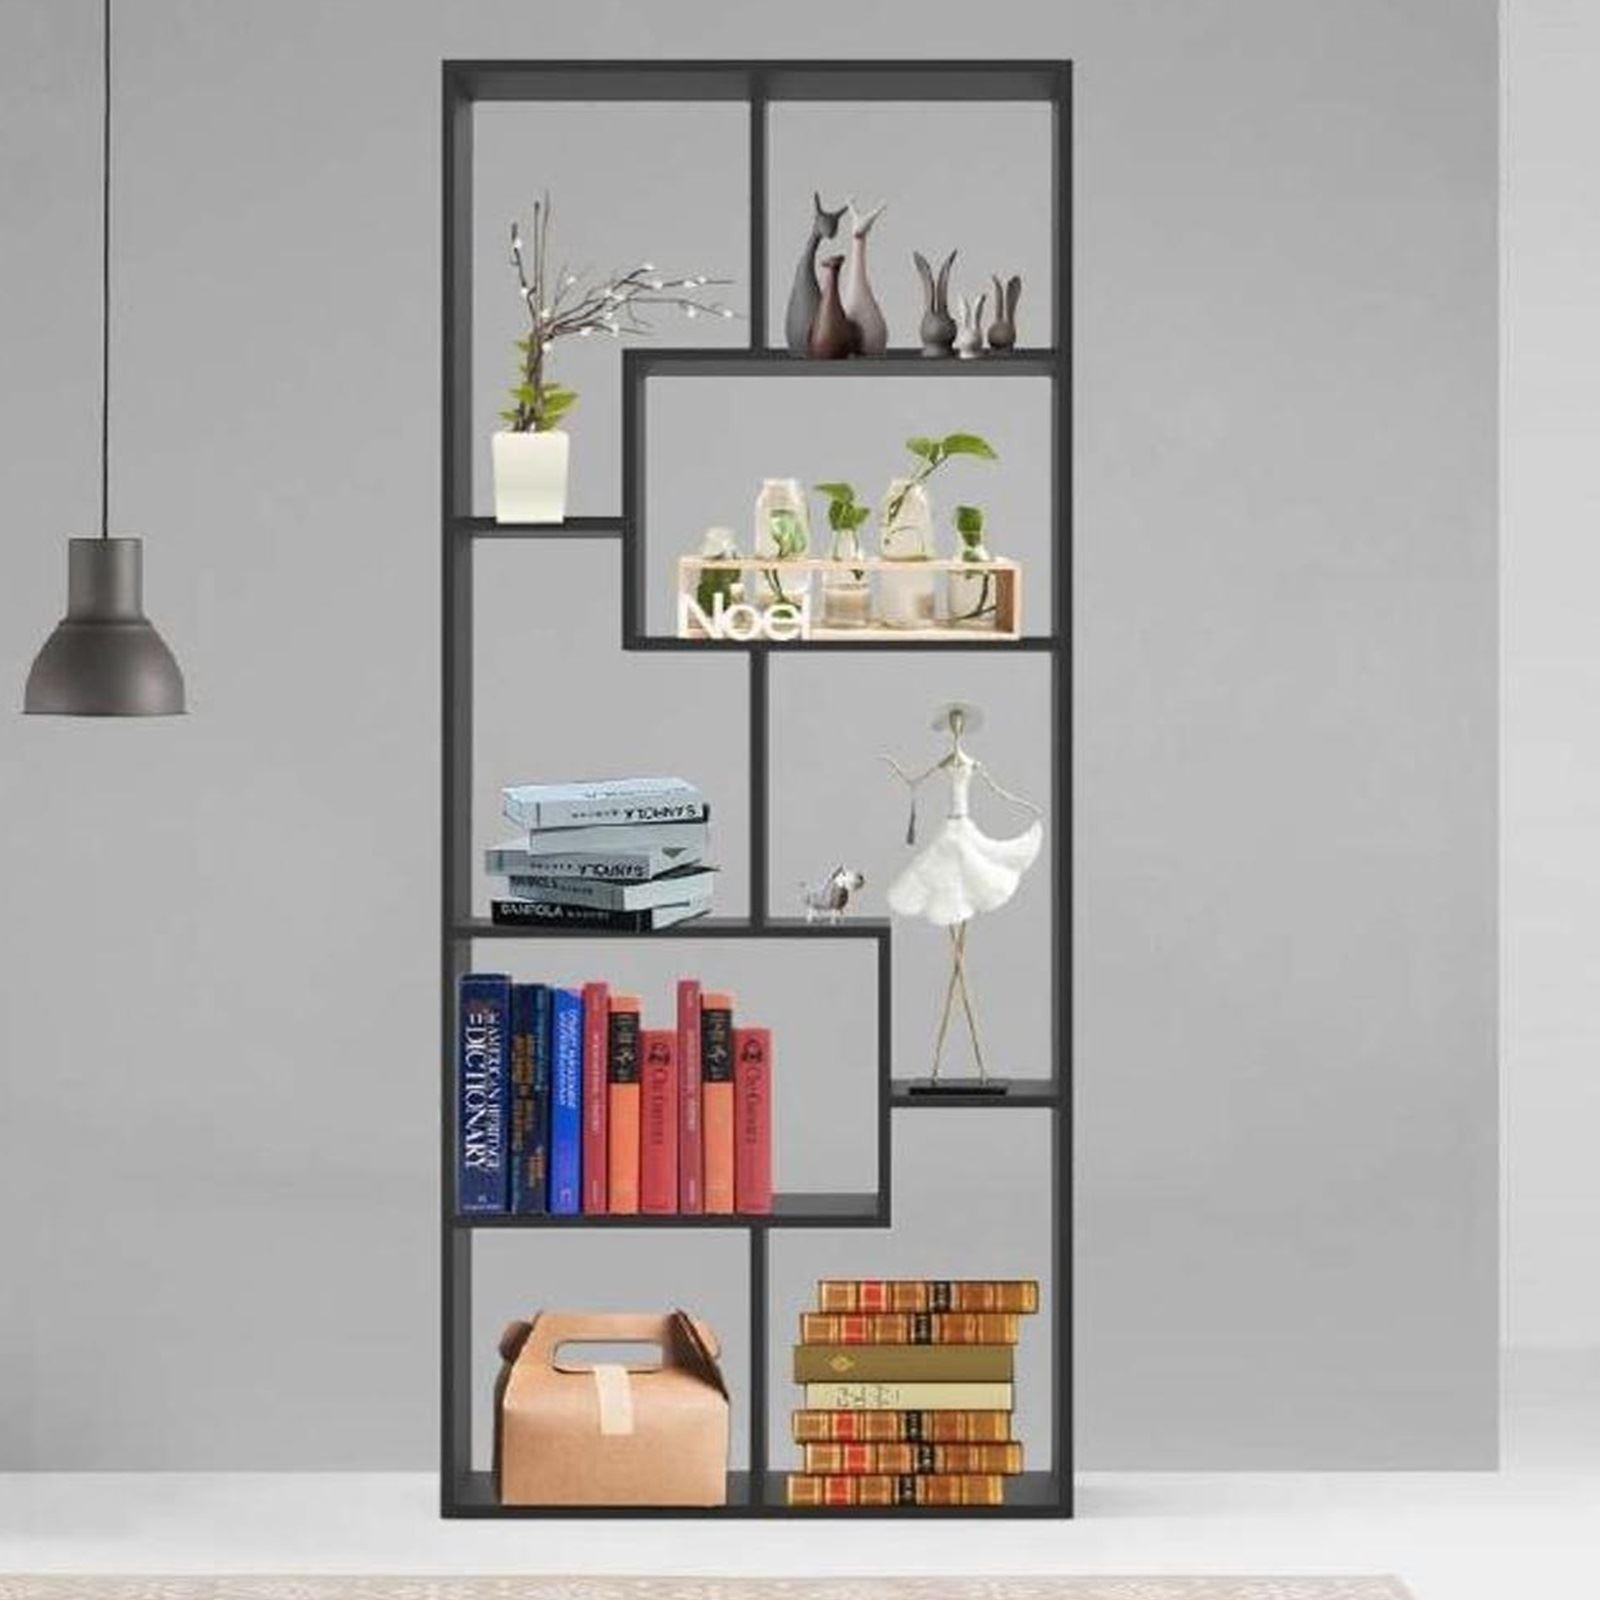 Details About Wooden Black Open Shelving Bookcase Shelf Room Divider Storage Unit Rack Display